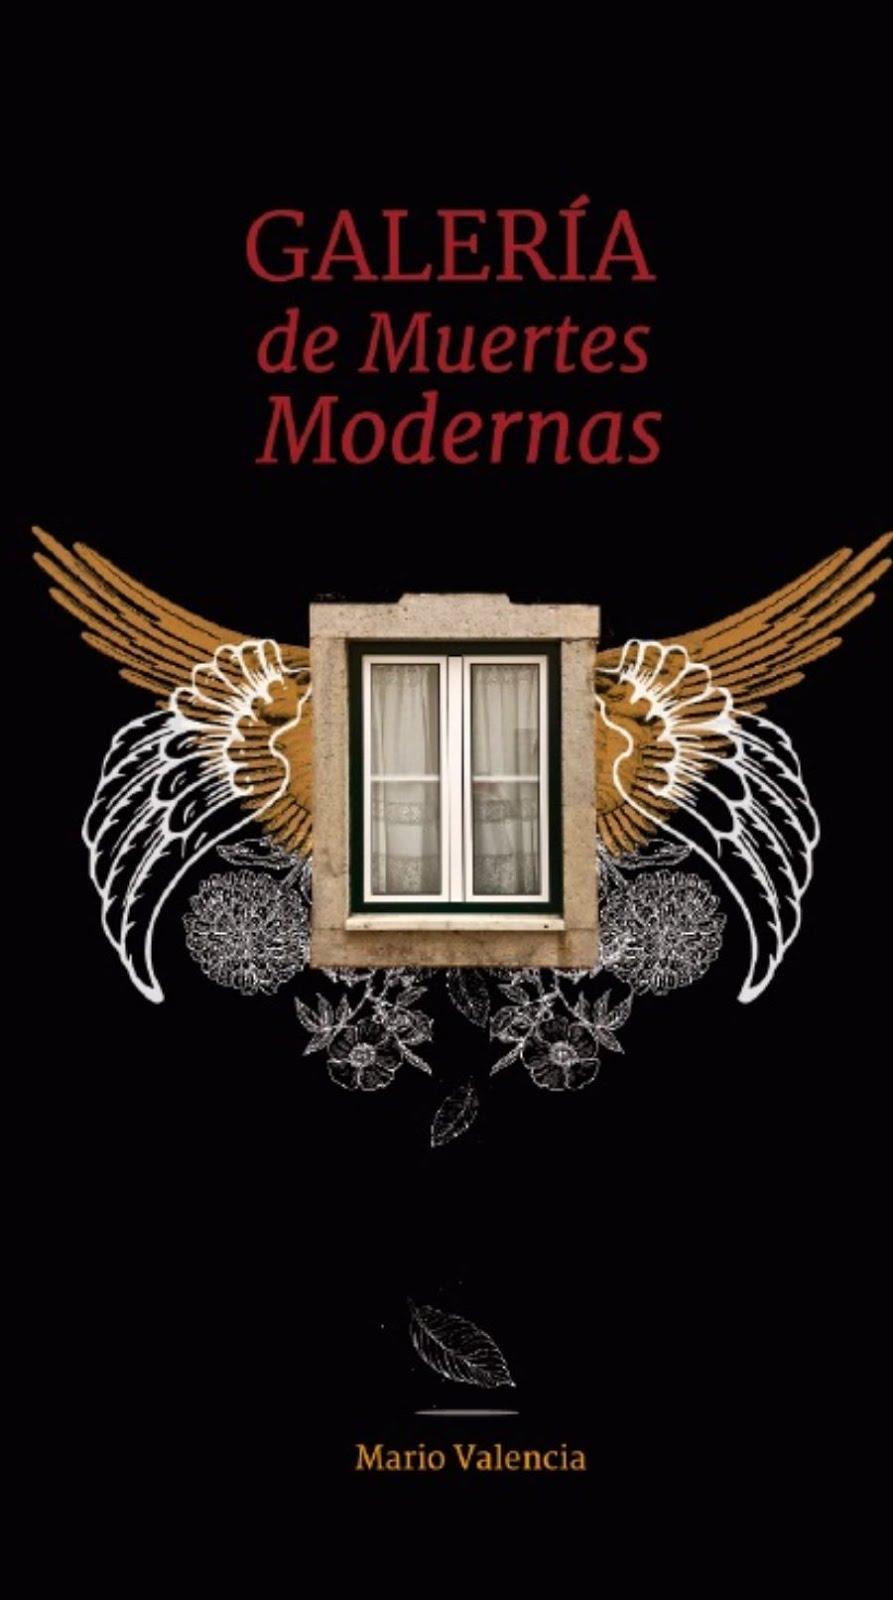 GALERÍA DE MUERTES MODERNAS